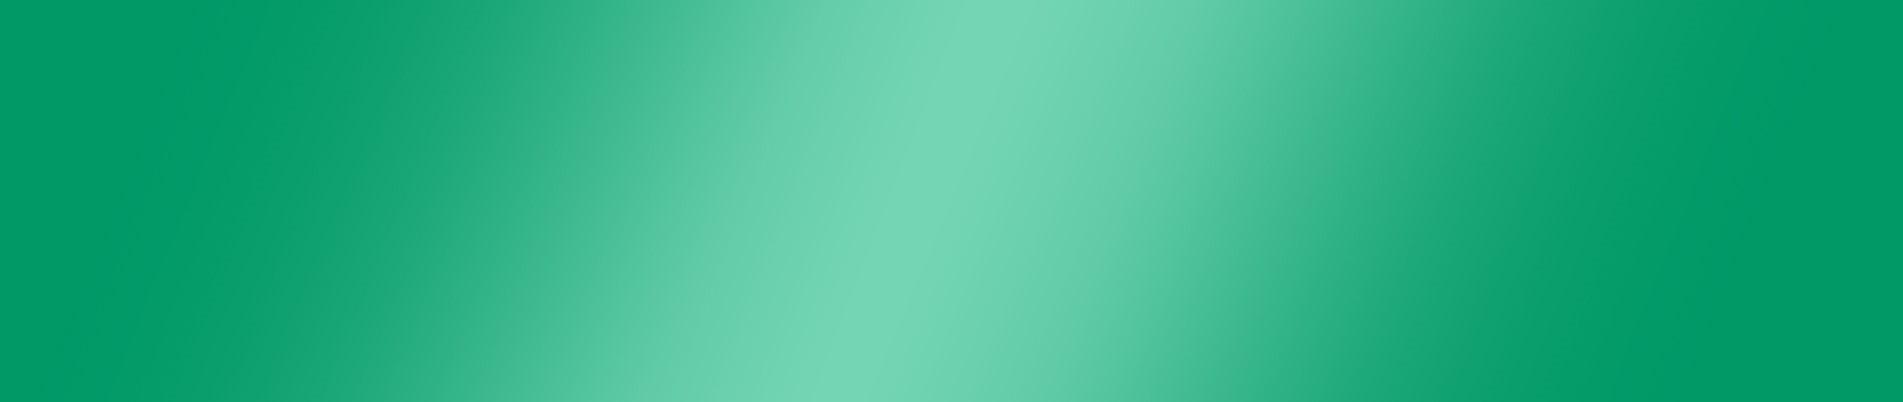 Green_BG_2